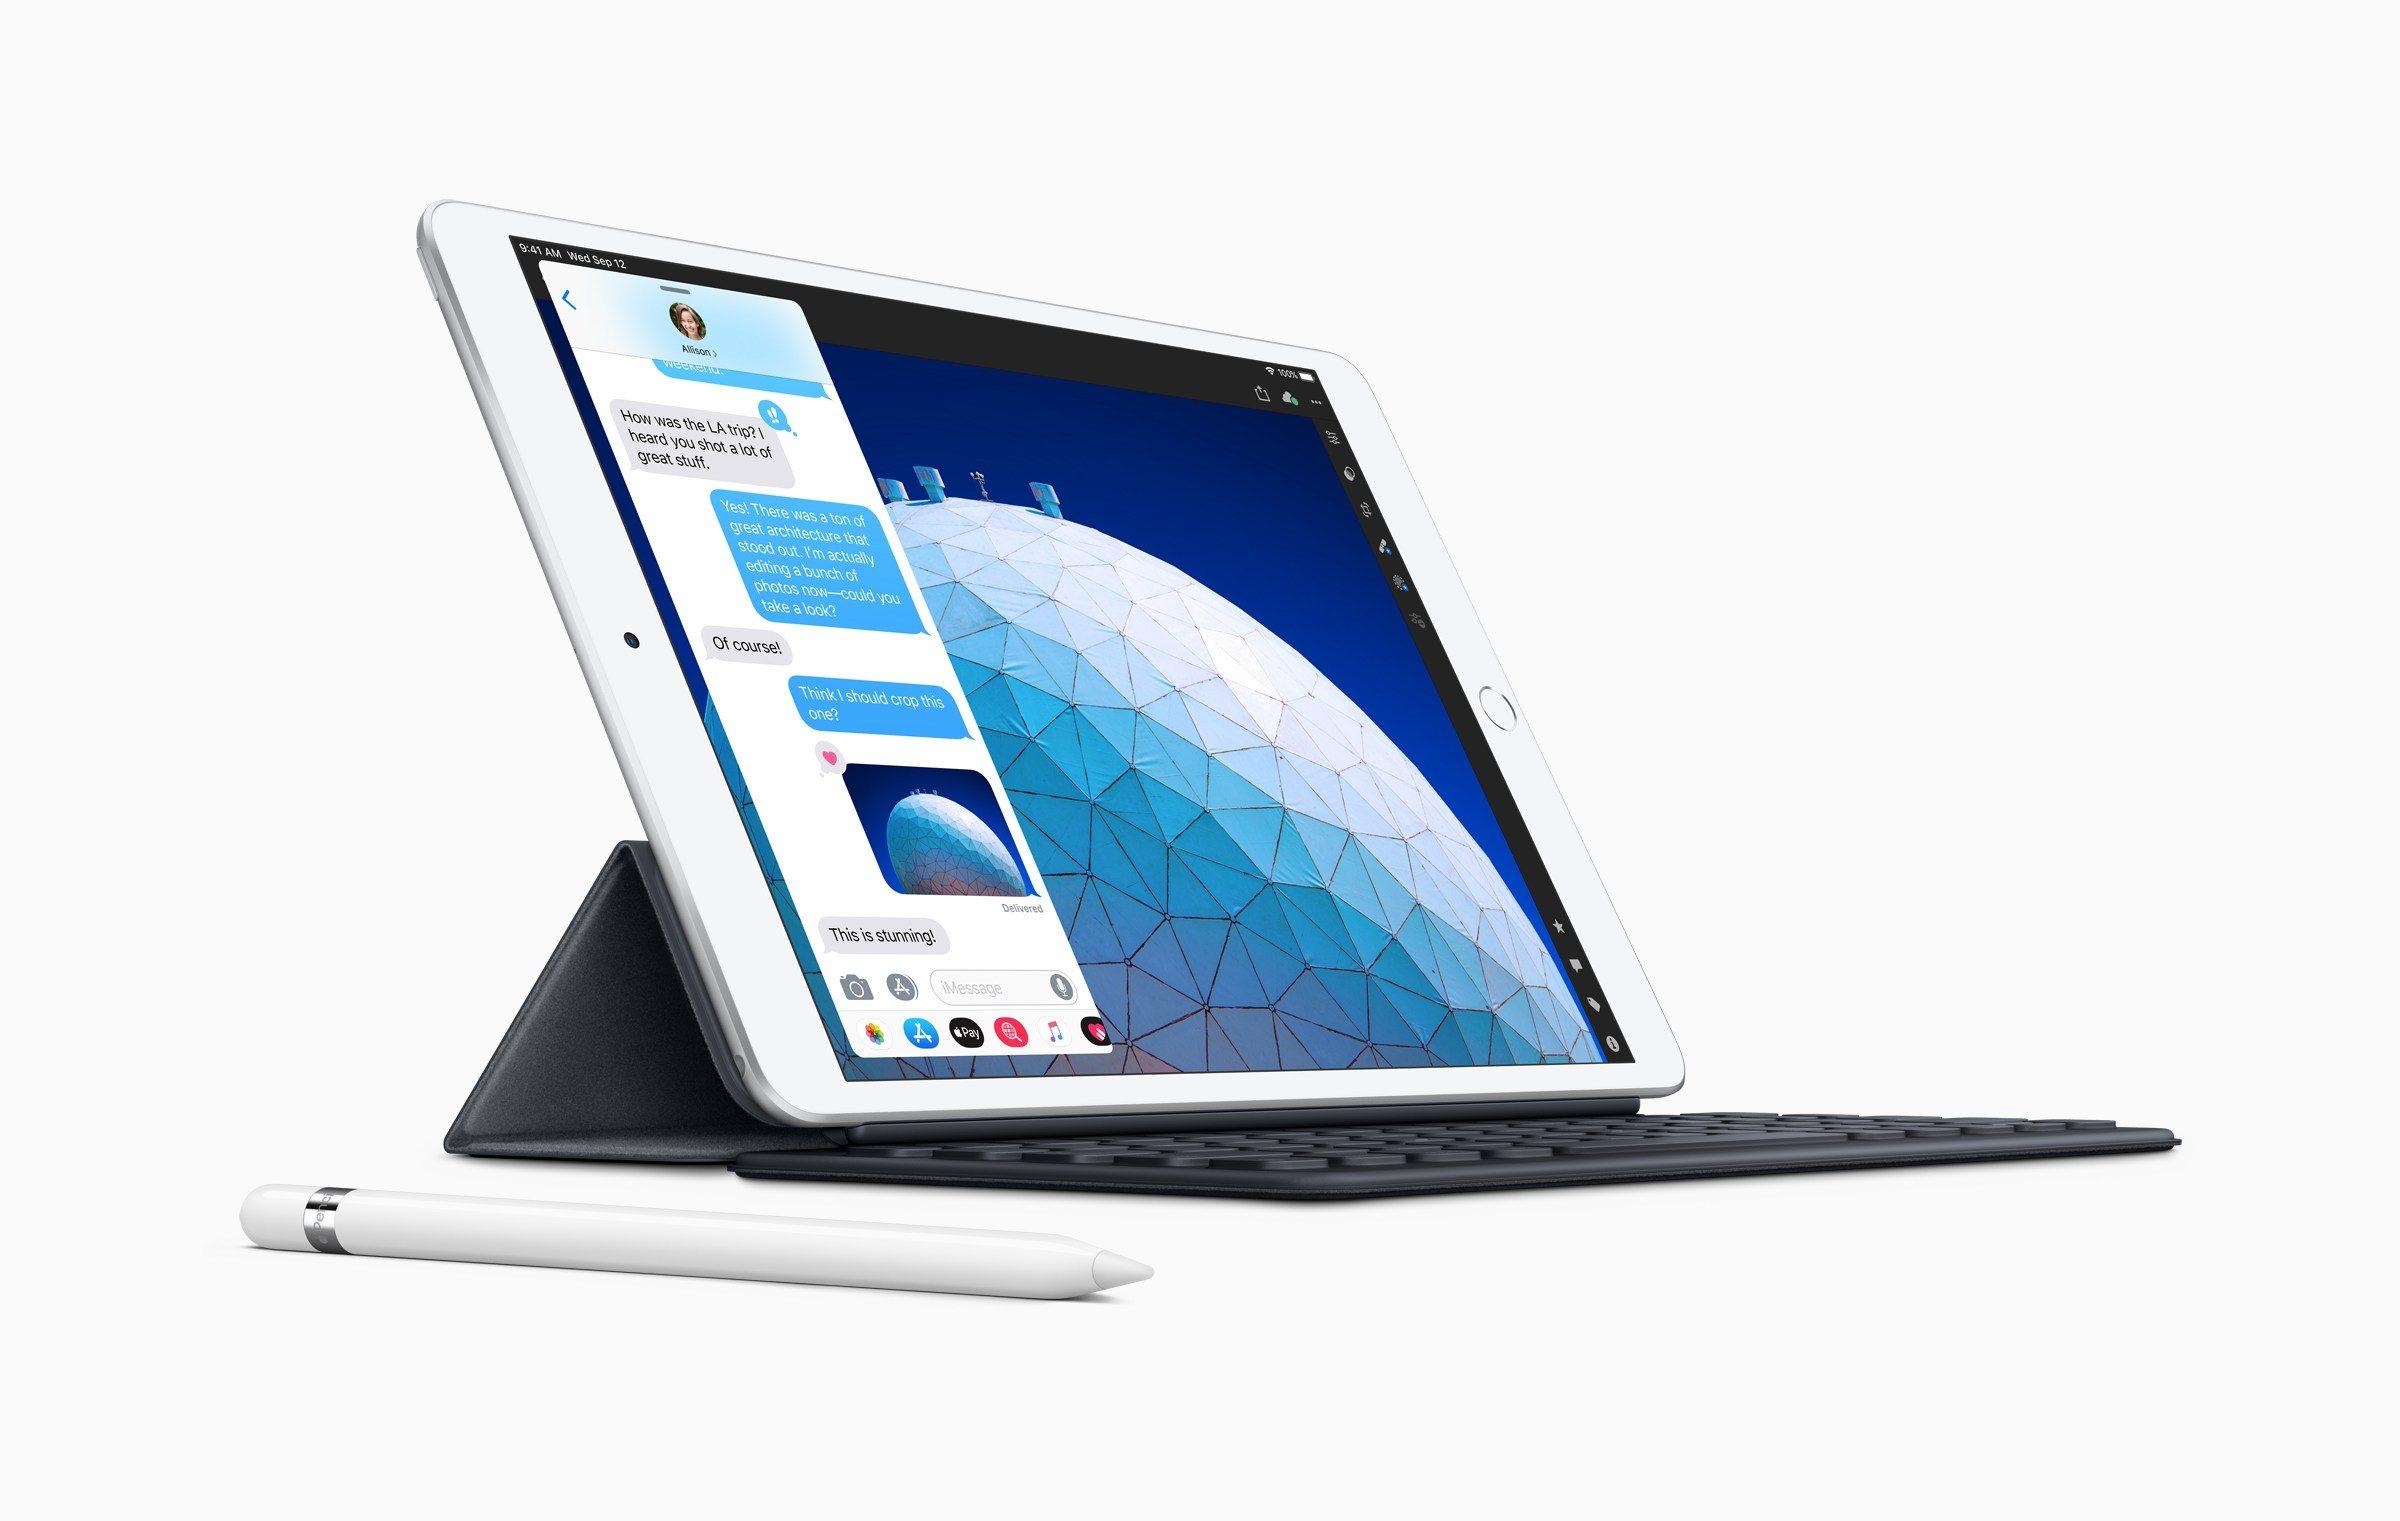 Apple annuncia un nuovo iPad mini e un iPad Air da 10.5 pollici: specifiche e prezzi per l'Italia 1